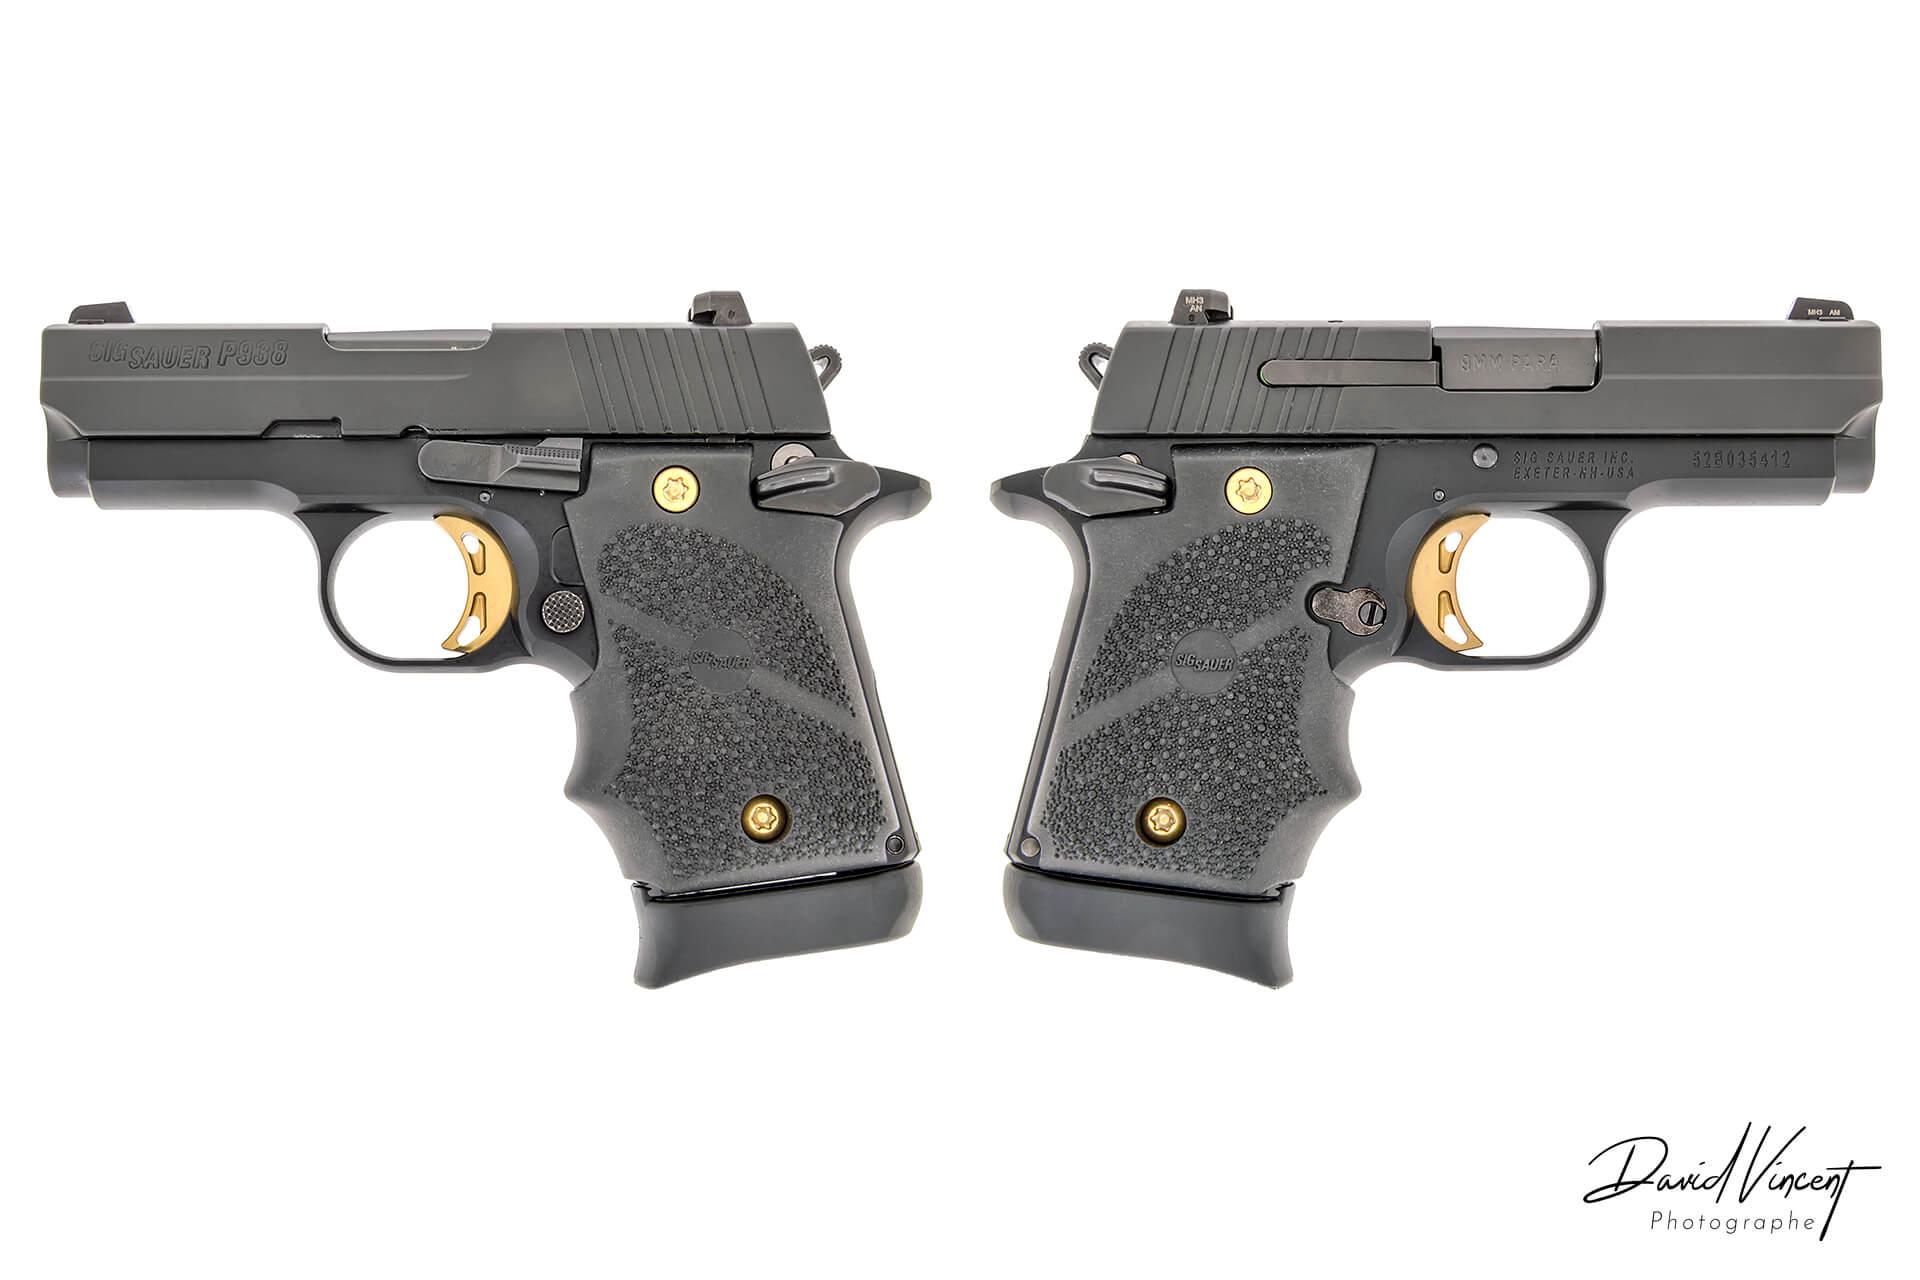 SIG P938 - Photographe d'armes à feu